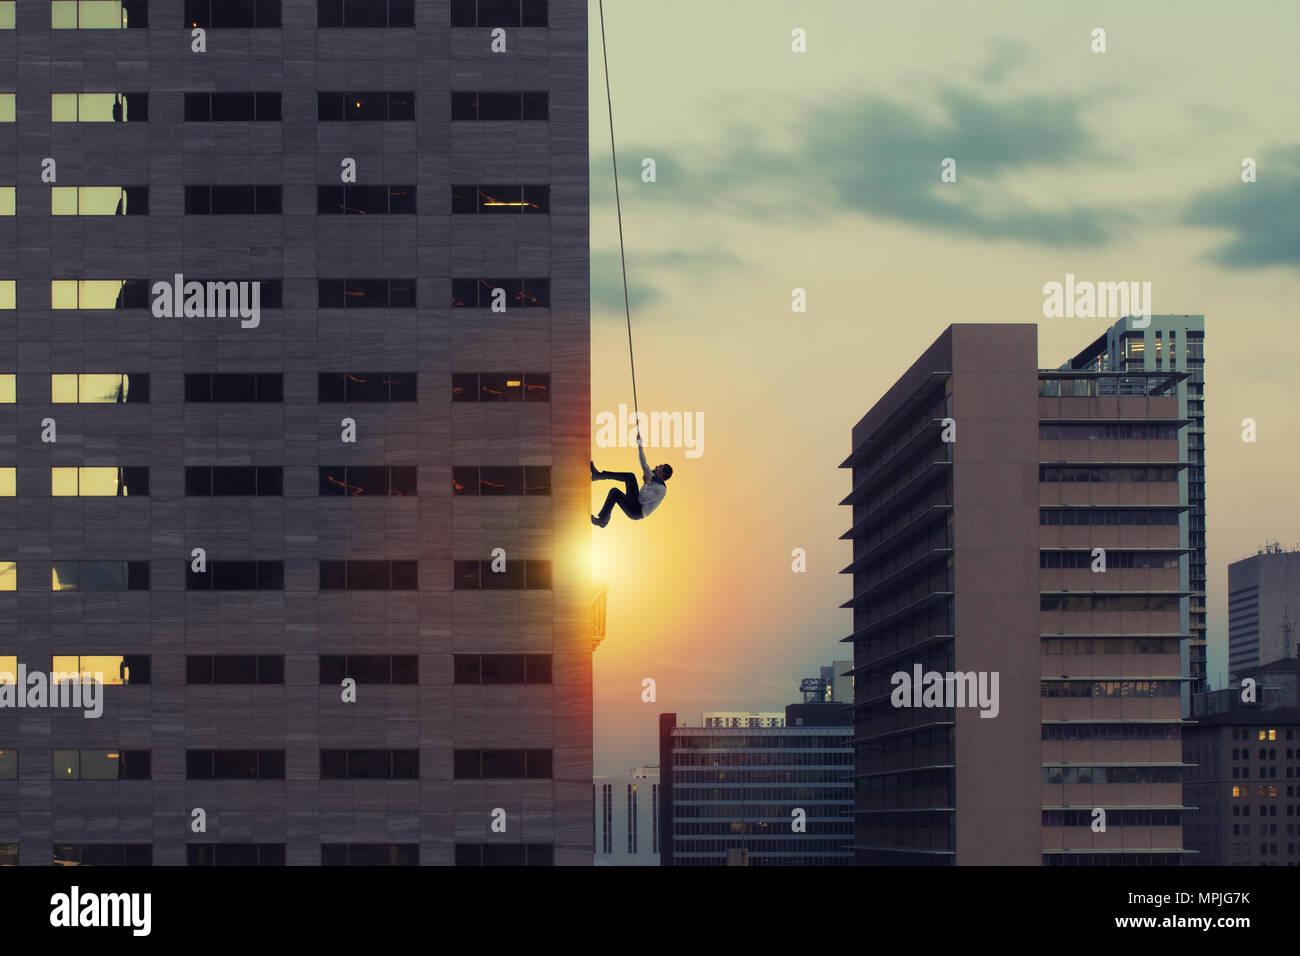 Imprenditore salire di un grattacielo. Raggiungimento obiettivo di business e difficile concetto di carriera Foto Stock